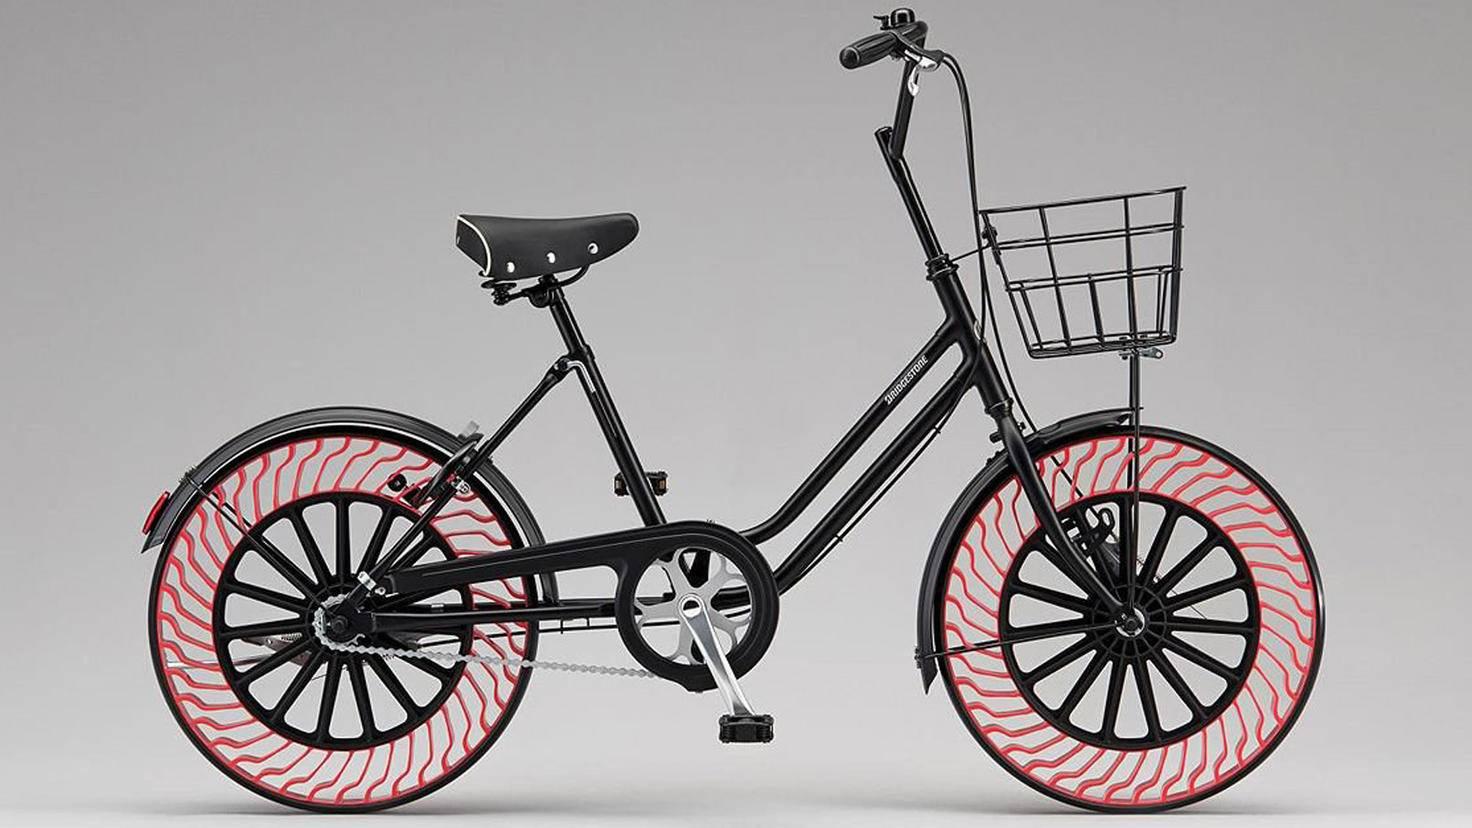 Fahrrad luftlose Reifen